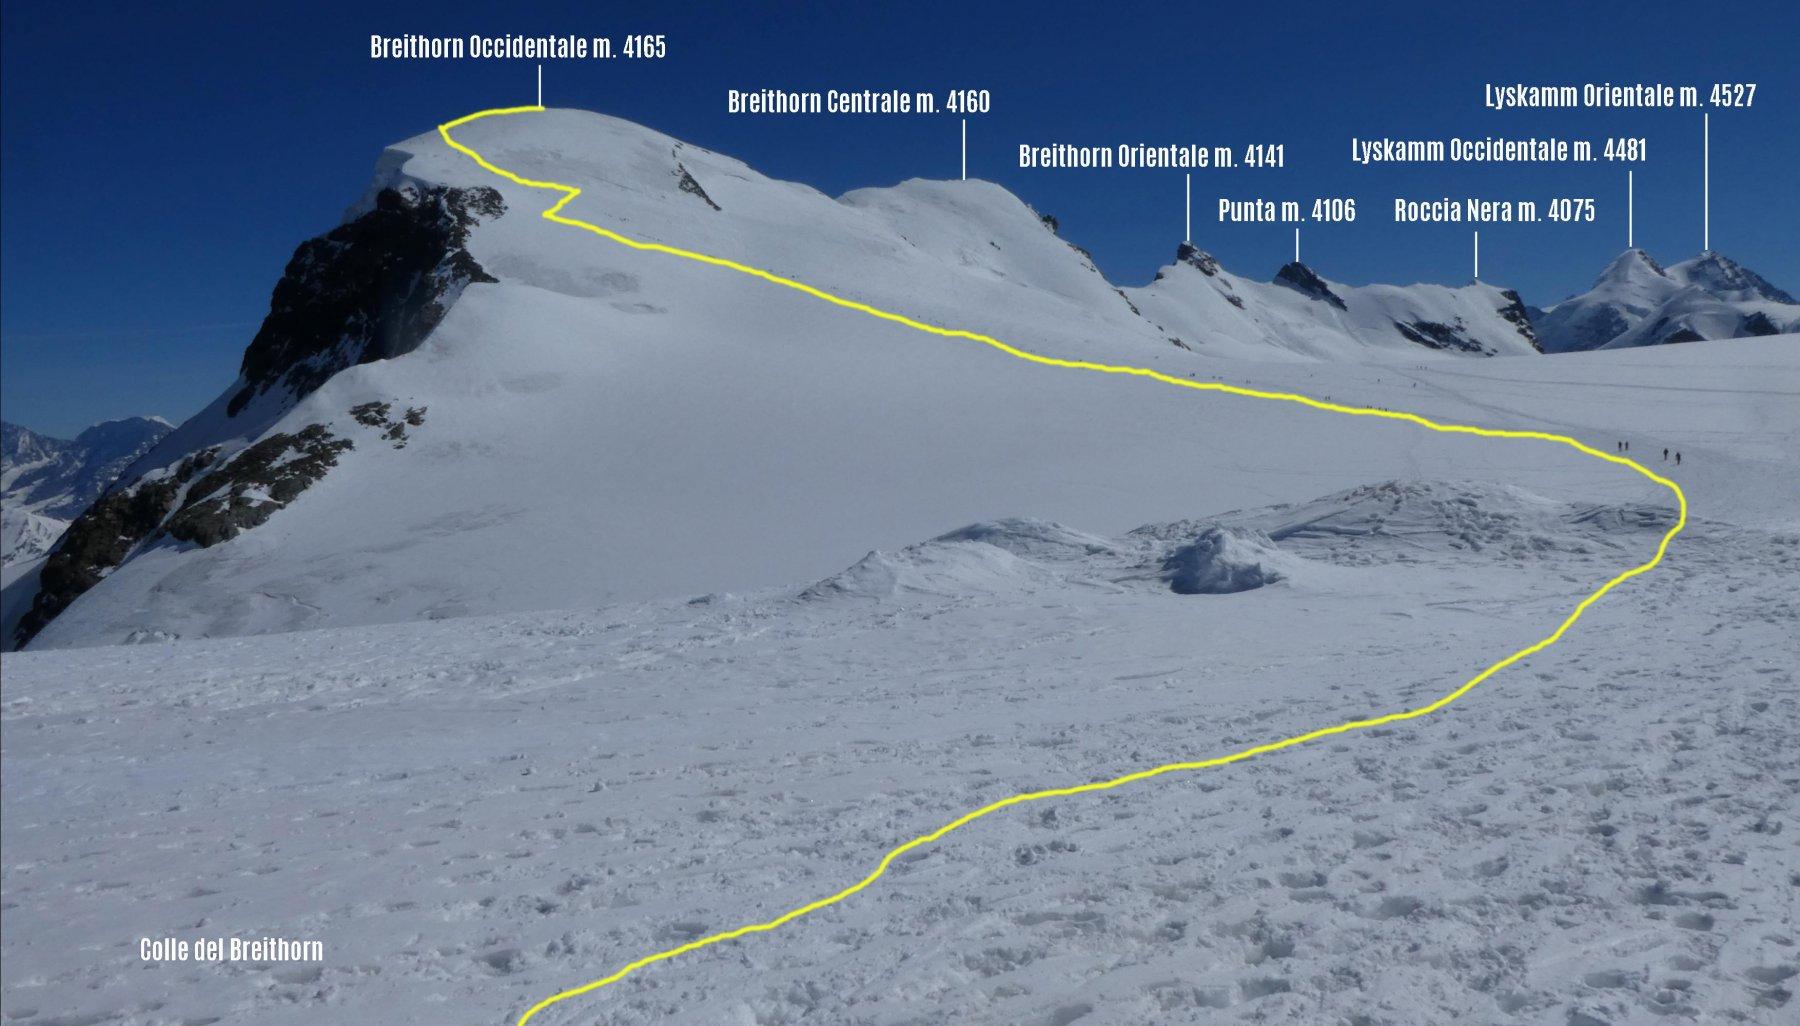 parte alta dell'itinerario di salita e panorama dal Colle del Breithorn